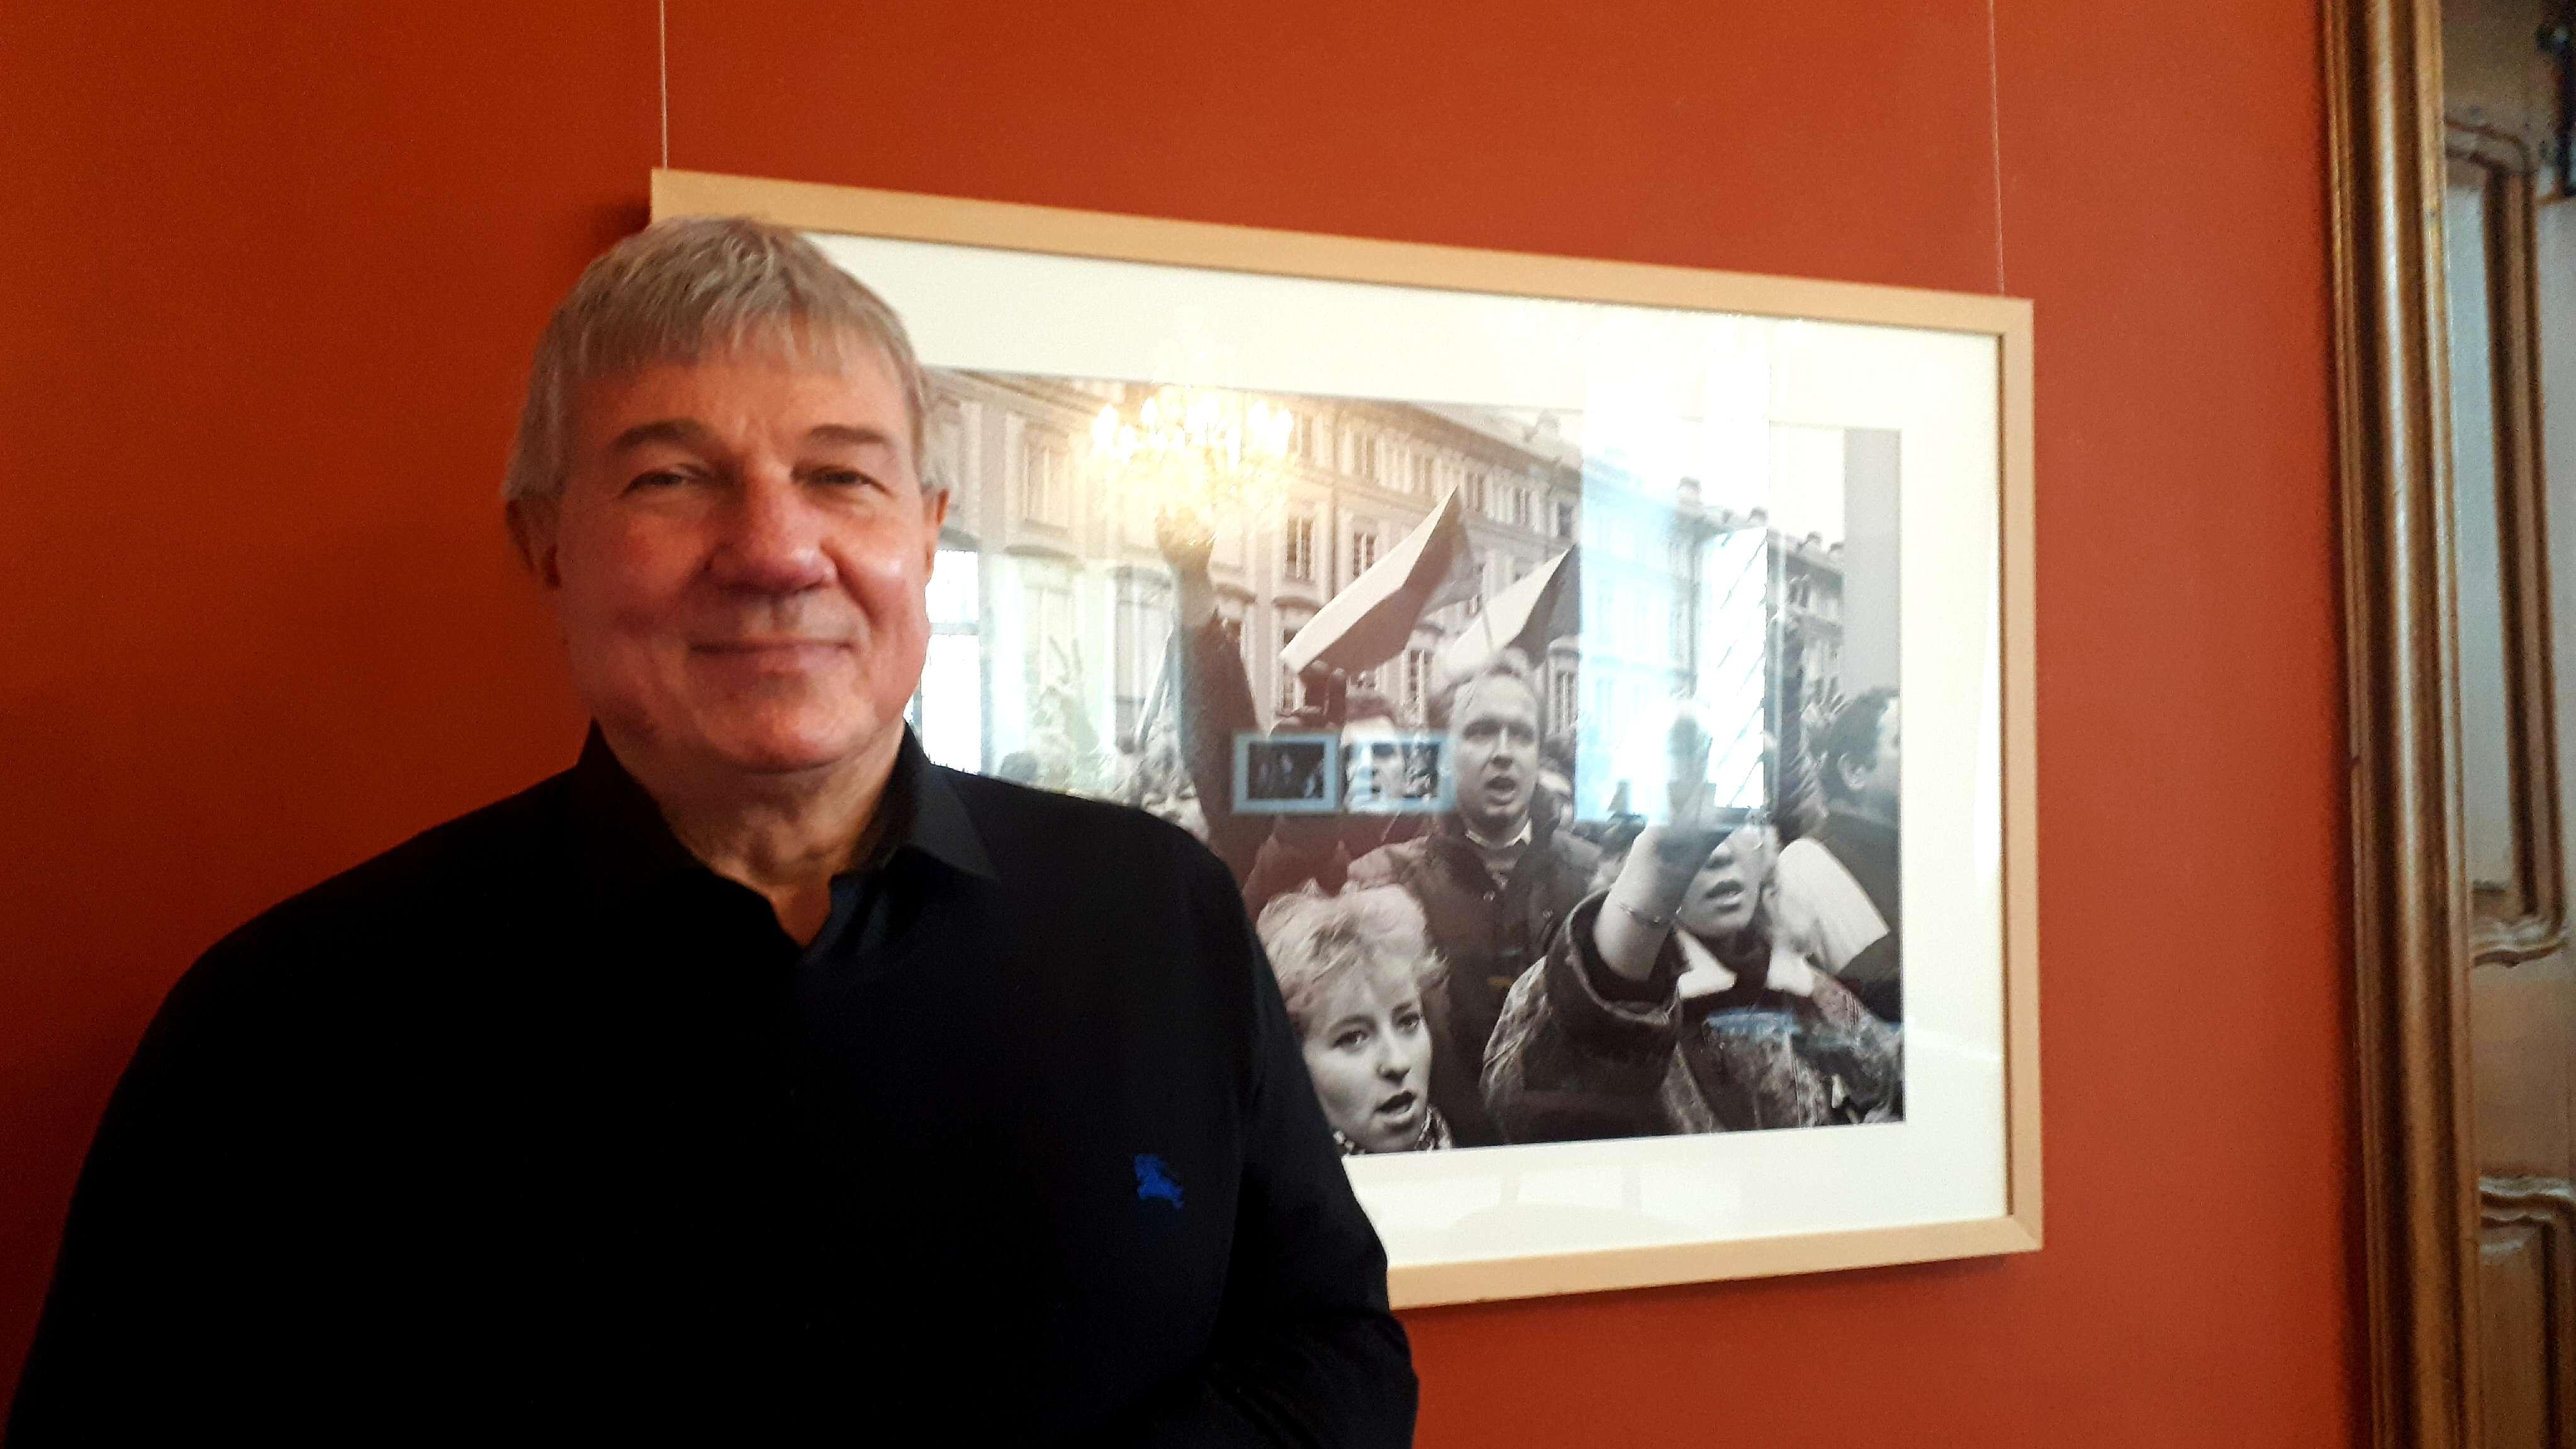 Fotograf Daniel Biskup im Café des Schaezlerpalais.